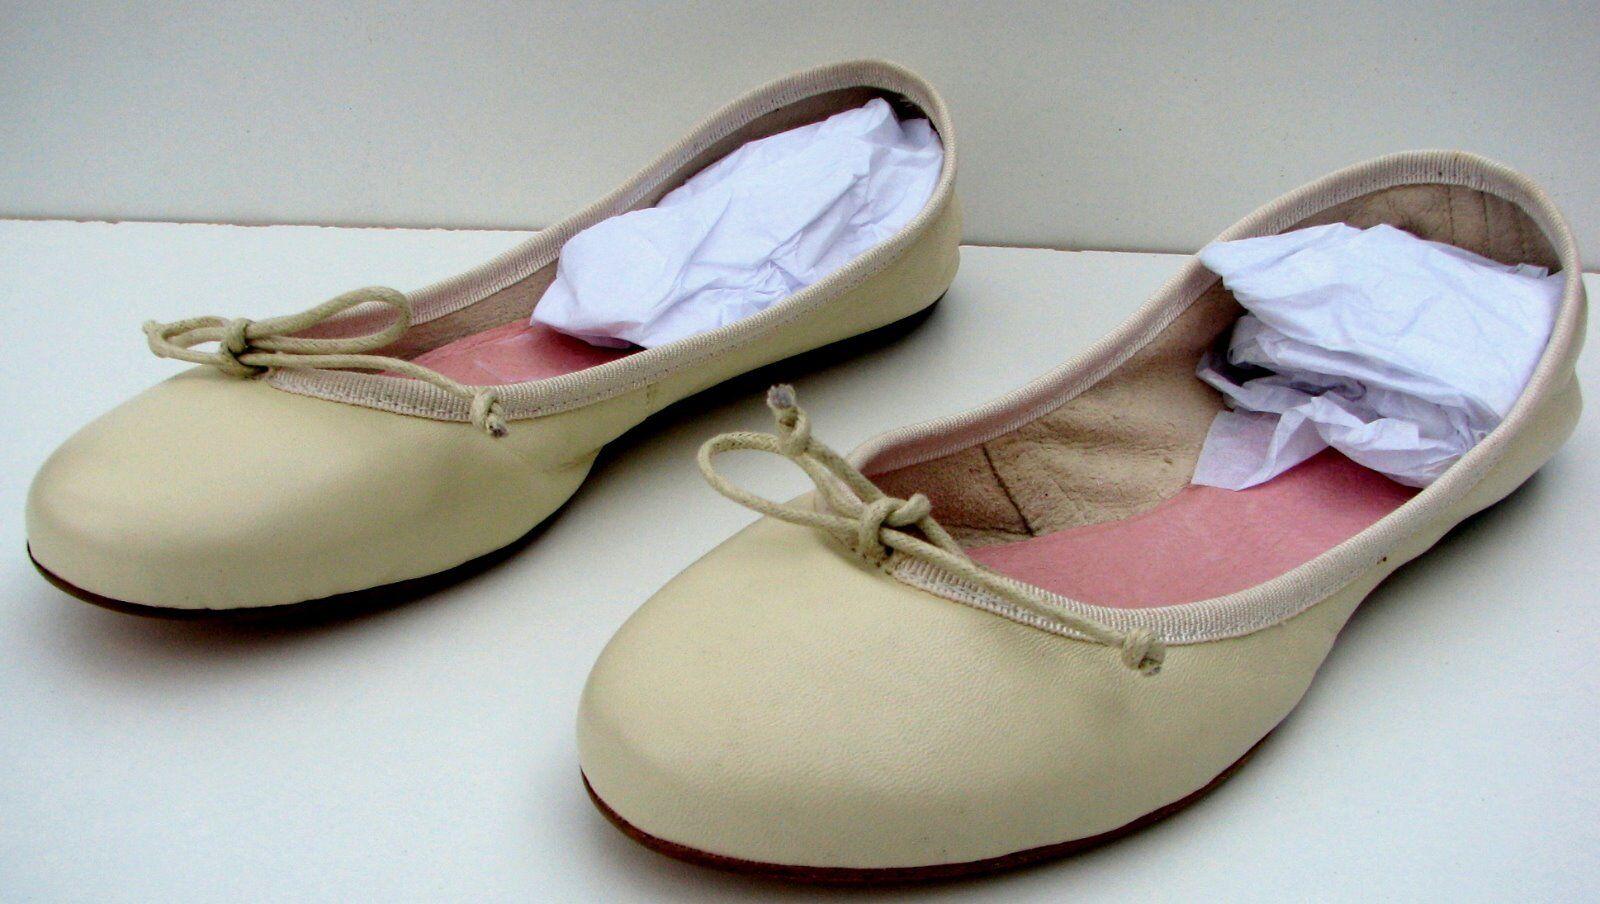 Gran lavorazione Artigiana Artigiana Artigiana Marfil Ballet Zapatos sin Taco Sin, nuevo tamaño 39EU 8-8.5US Hecho Italia  Disfruta de un 50% de descuento.